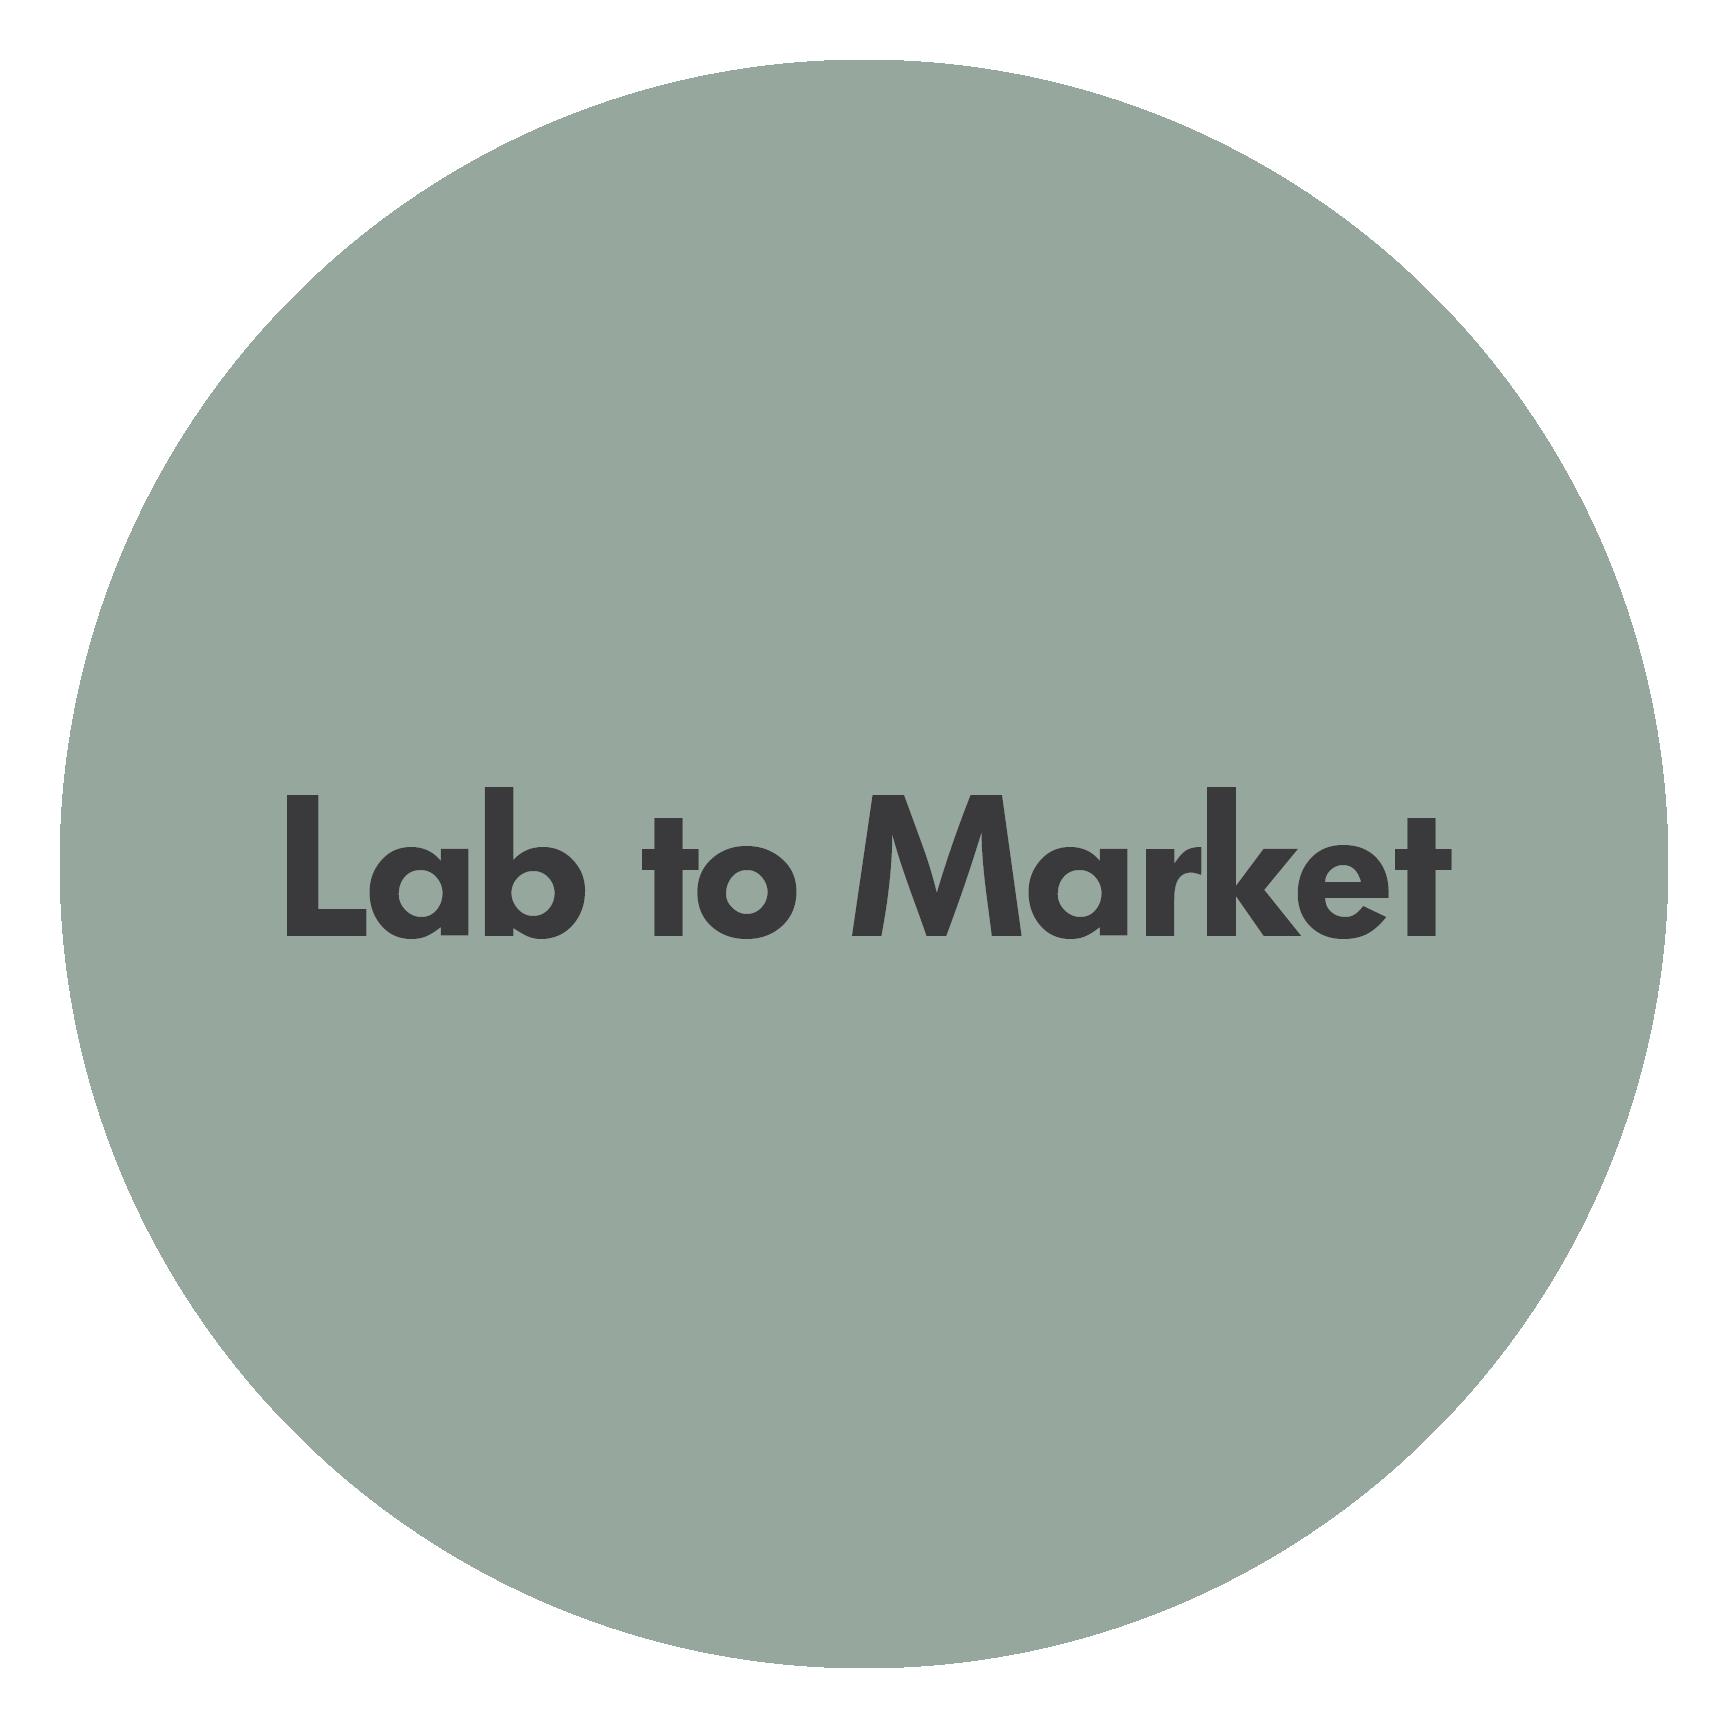 Lab to market circle.png